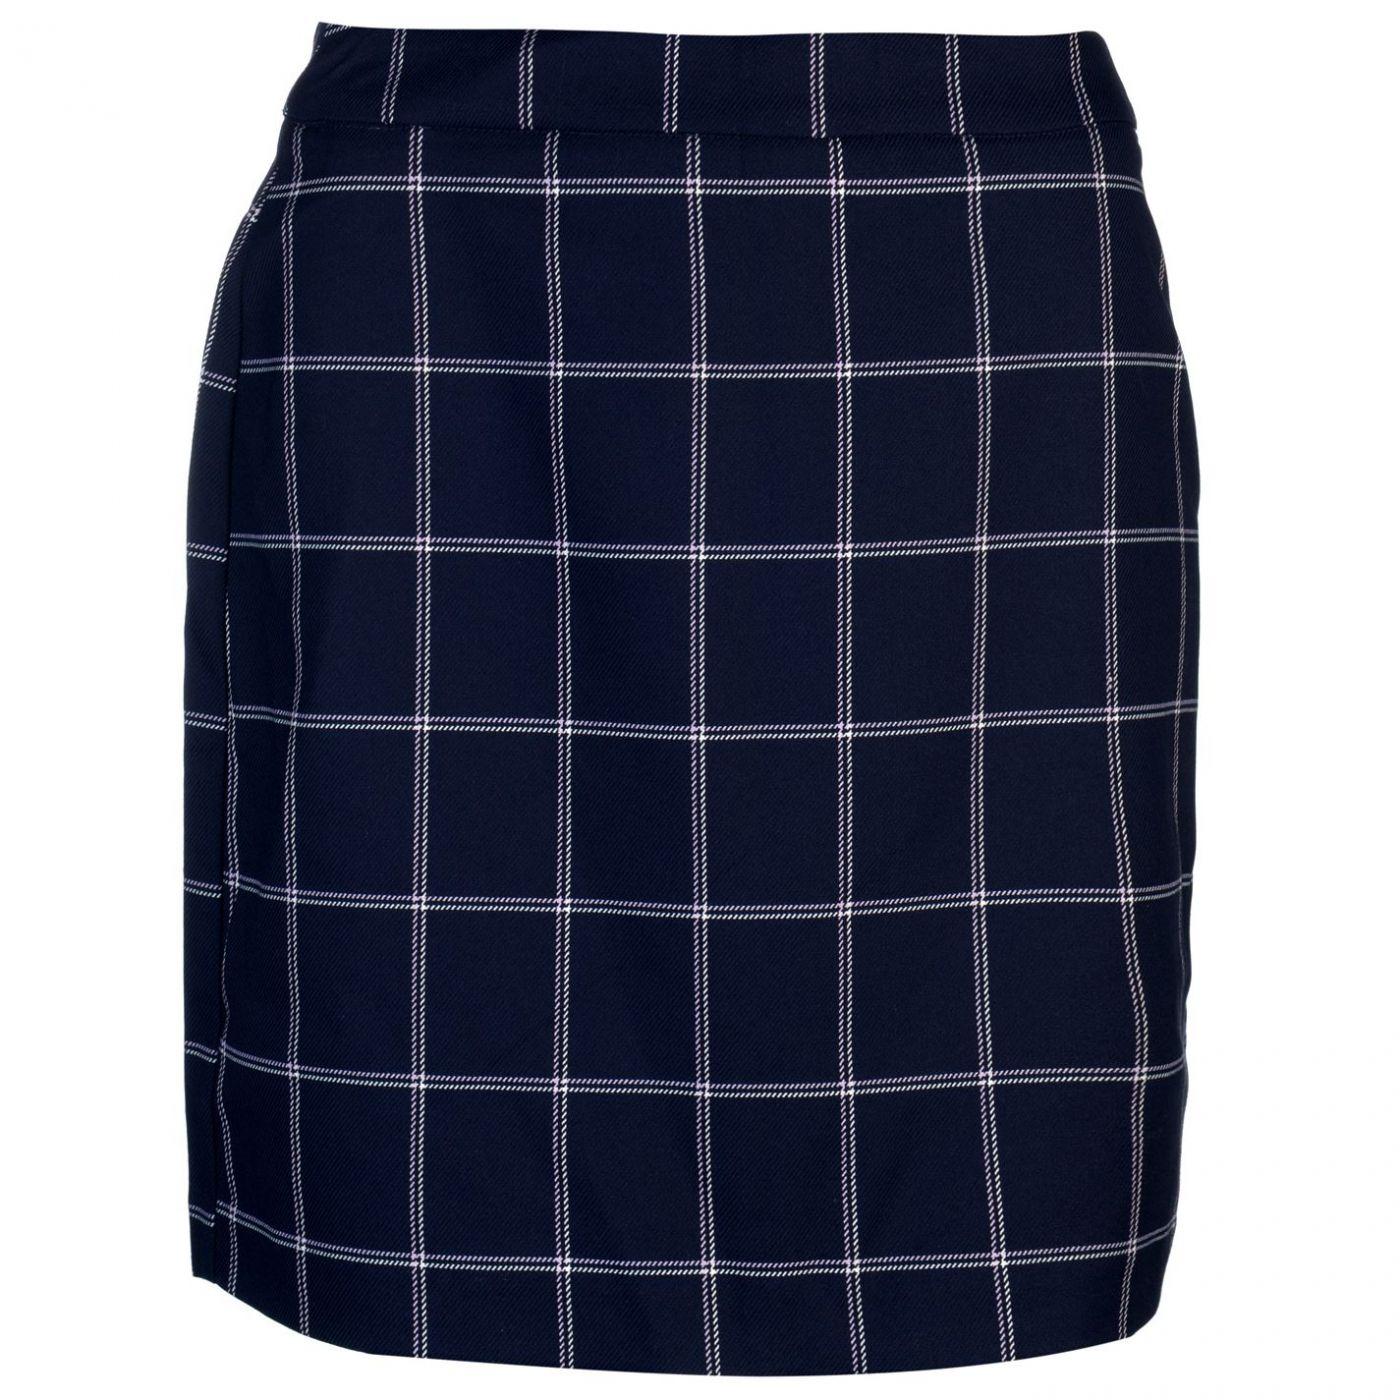 Vero Moda Vero Bell Check Skirt